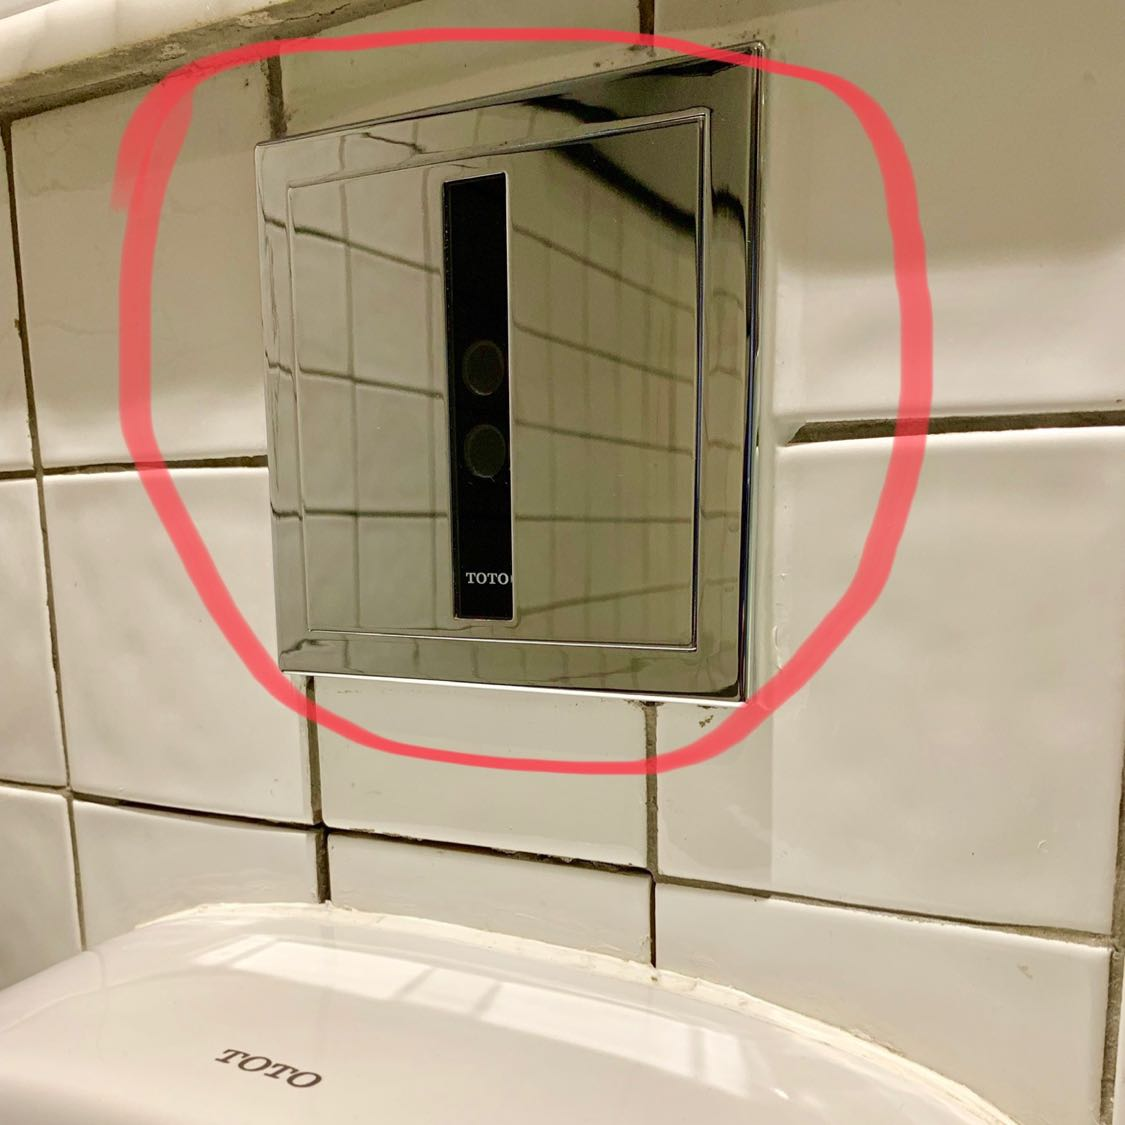 Toilet modern dilengkapi dengan alat pendeteksi di bagian atas urinoir. Alat tersebut otomatis mengucurkan air sebelum dan sesudah kita pipis. Dengan alat tersebut, tugas cleaning service menjadi lebih ringan, dan urinoir selalu terjaga dari bau pesing karena malas menyiram.